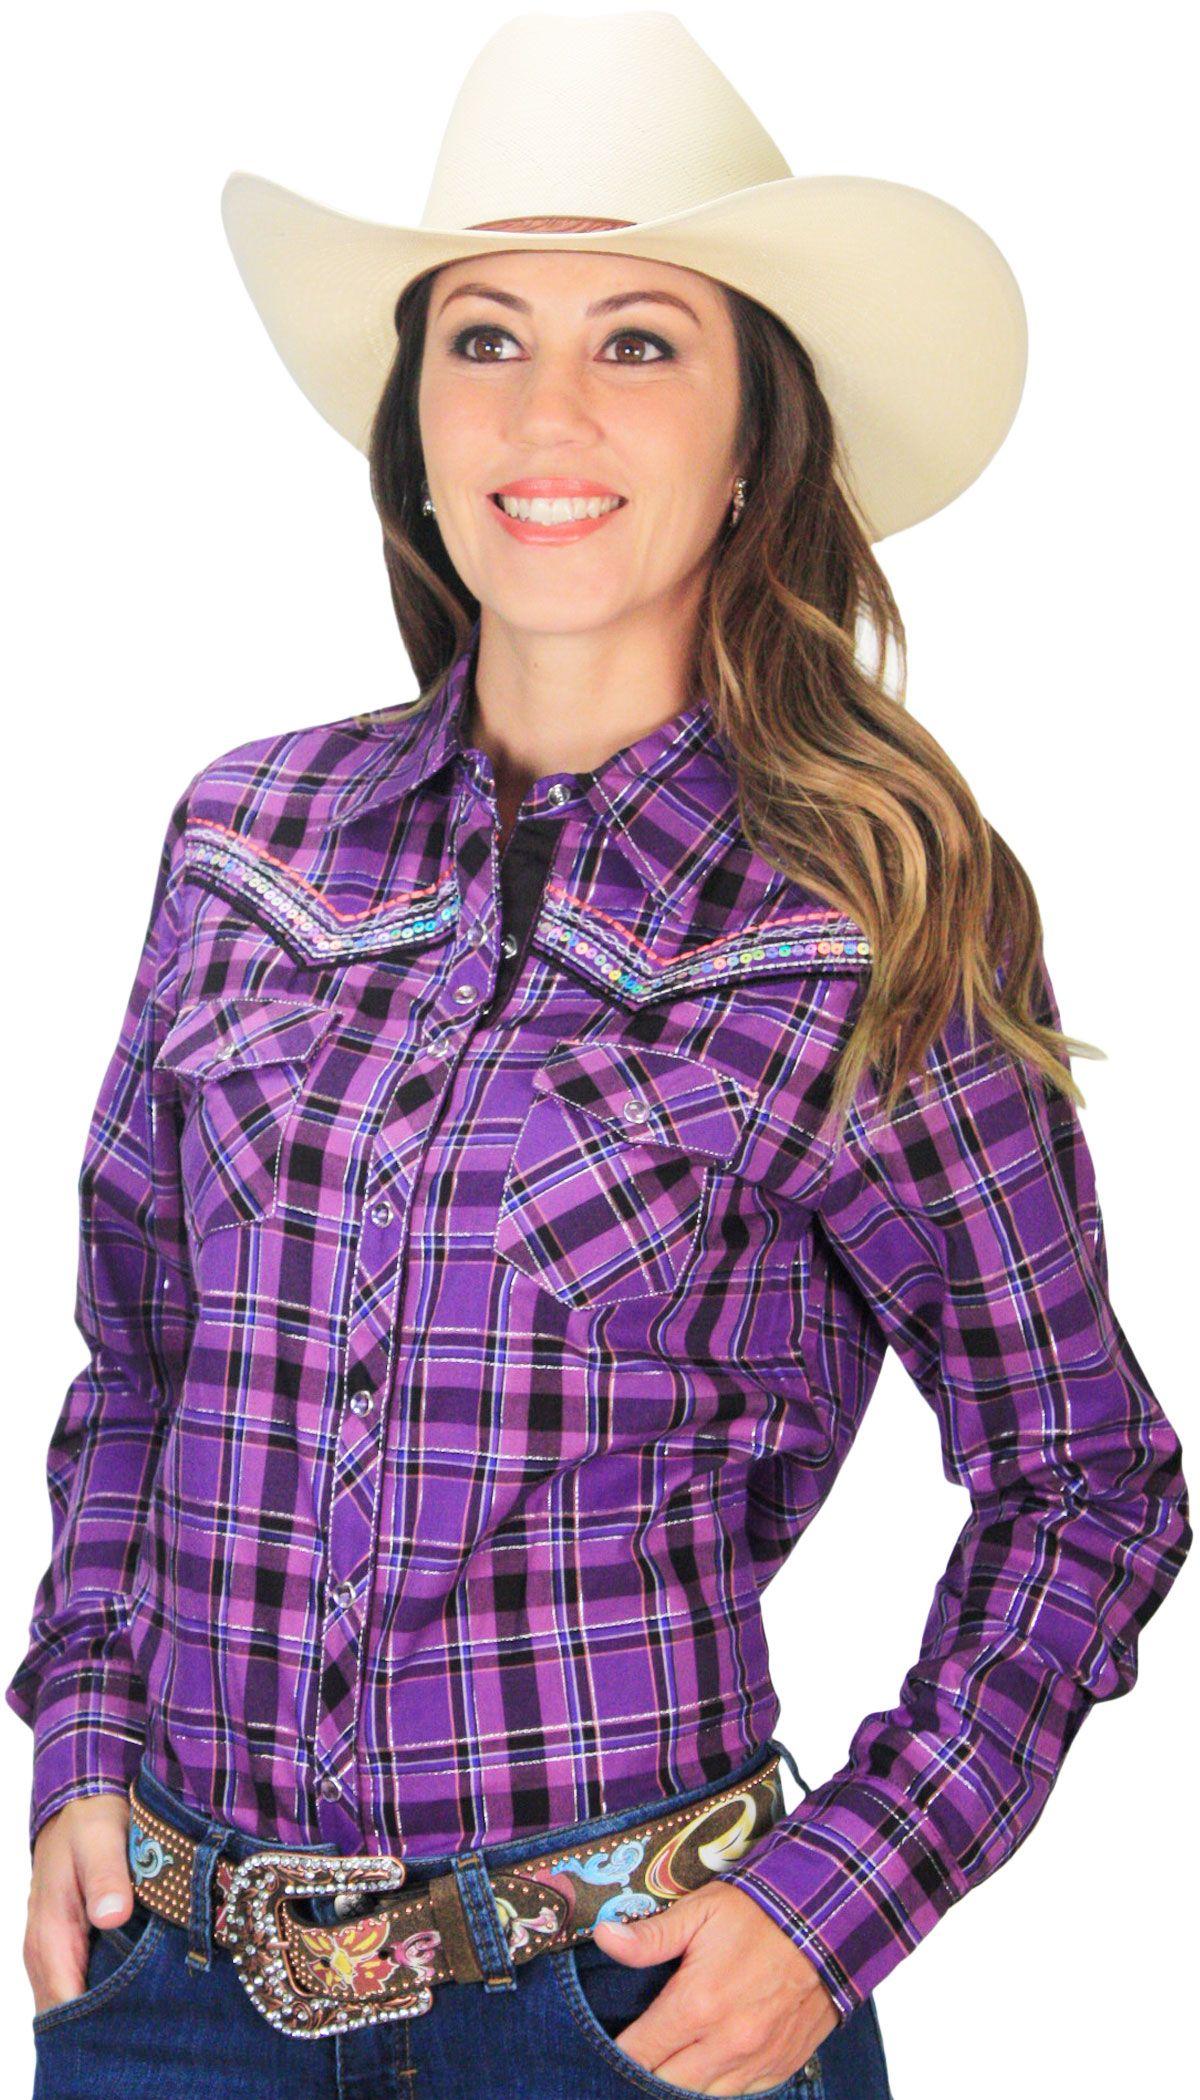 b6e9dad723 Camisa Feminina Country Xadrez Cowgirl Up Roxa com Lilás Camisa feminina  xadrez